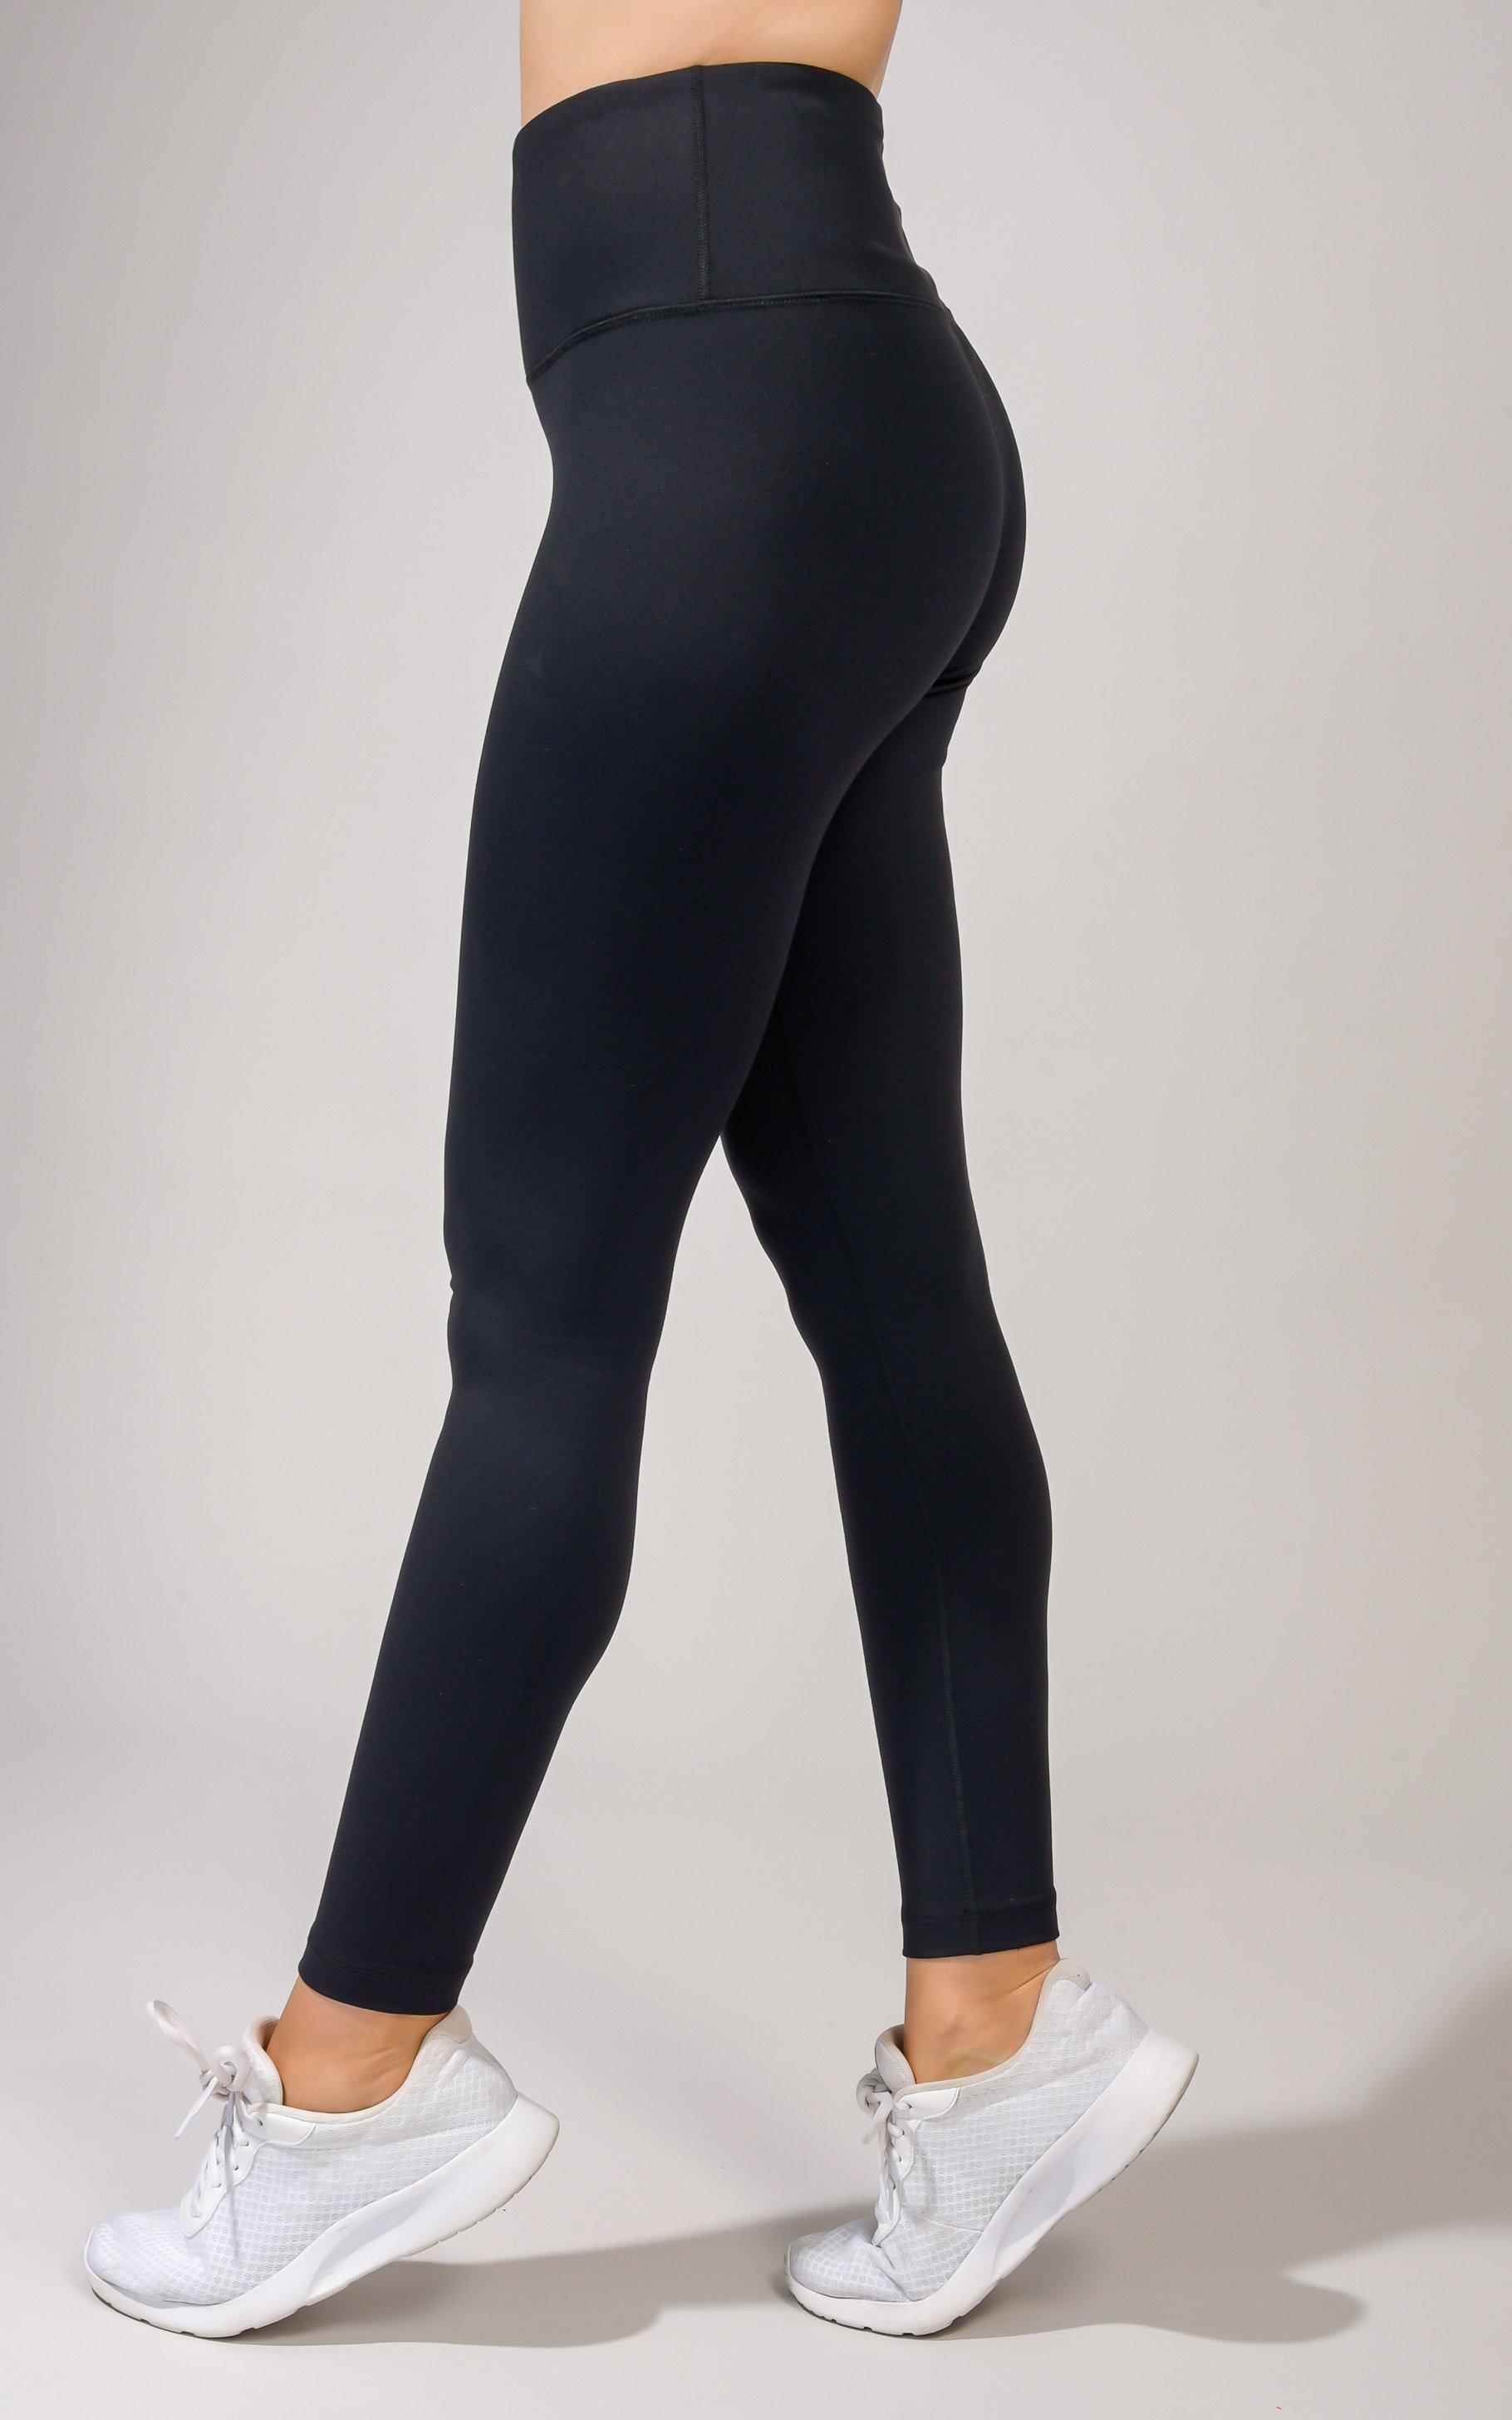 90 degree reflex leggings black